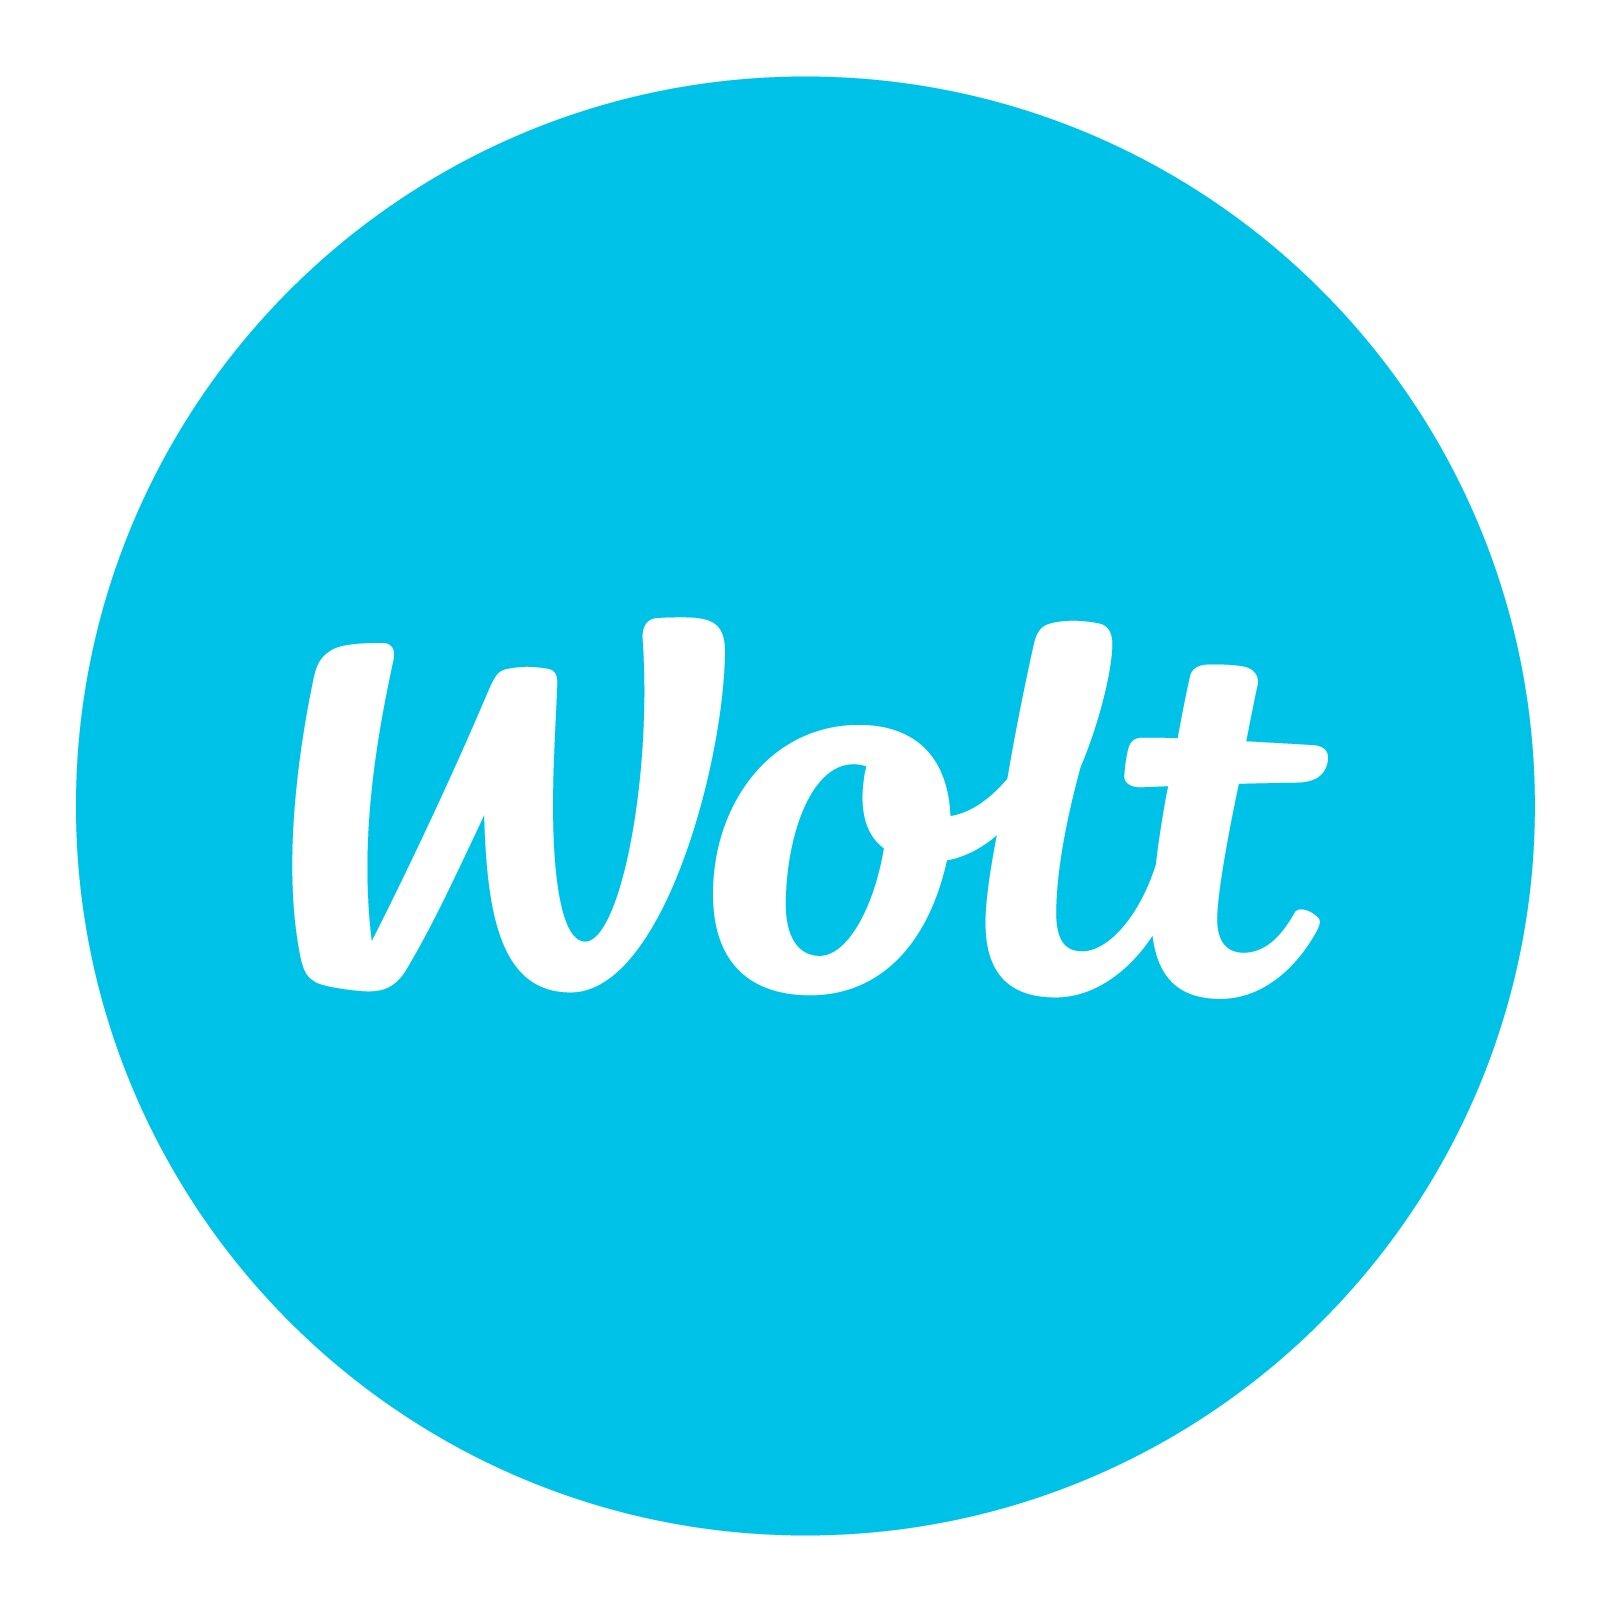 デリス デリバリースタート「Wolt」